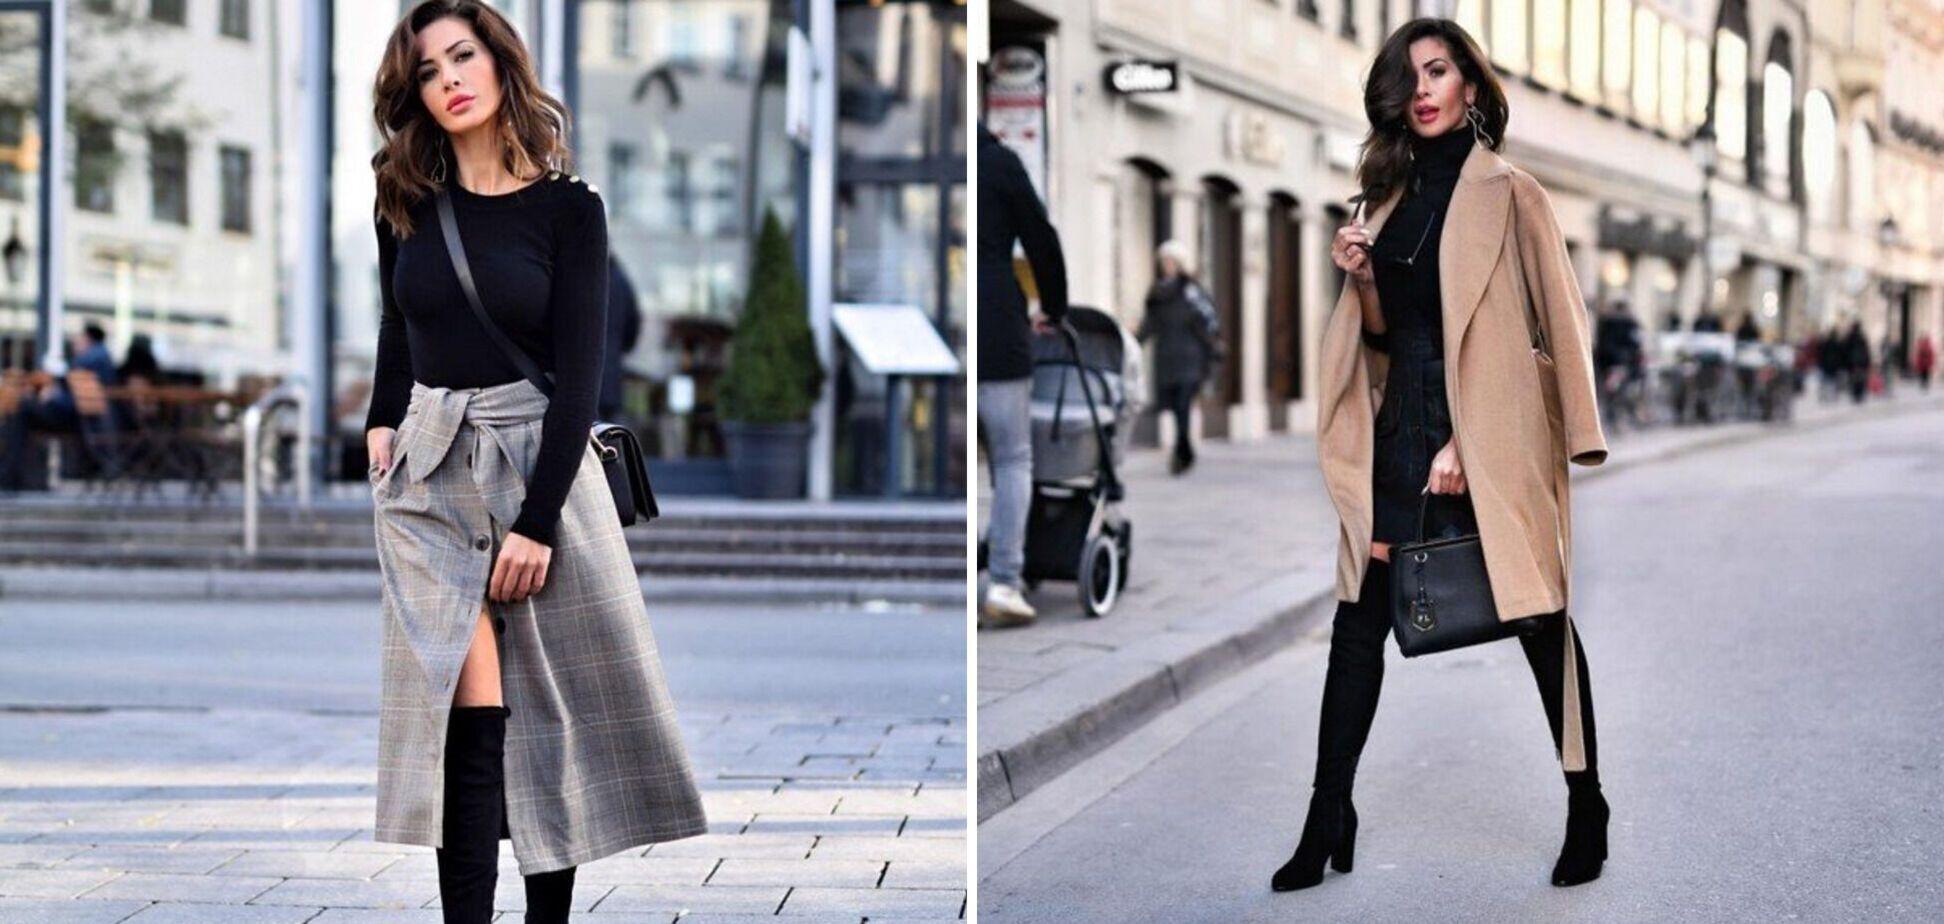 Как подобрать одежду миниатюрным девушкам: советы от стилиста